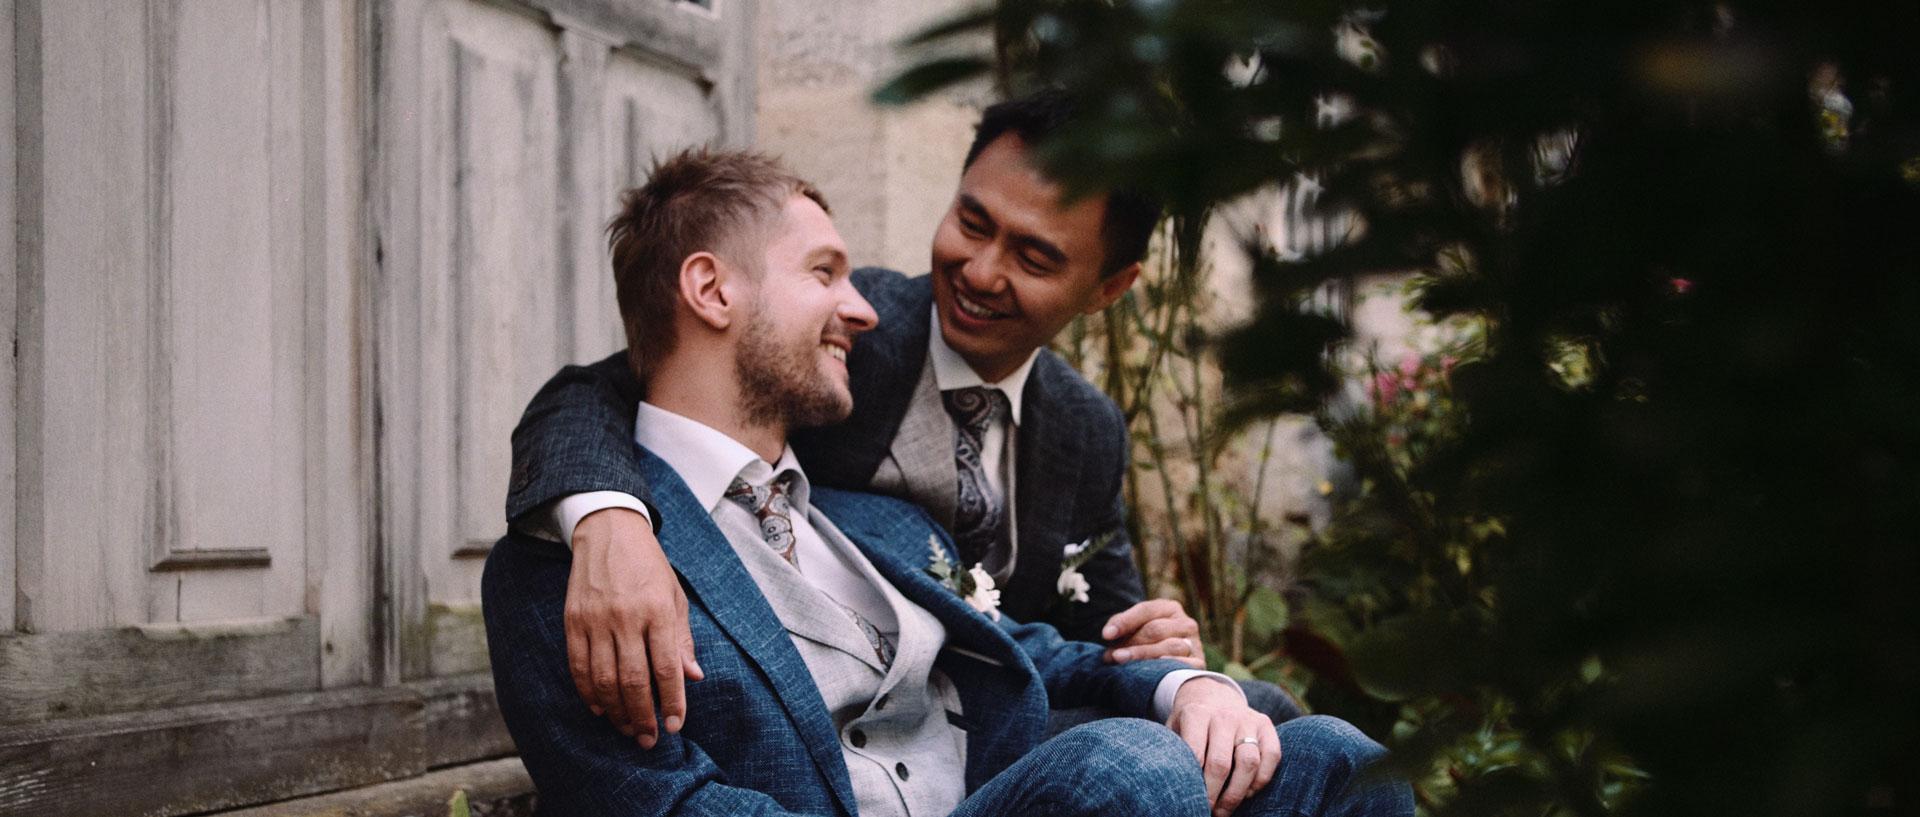 Sam-&-David---Wedding-Film.00_04_29_03.jpg